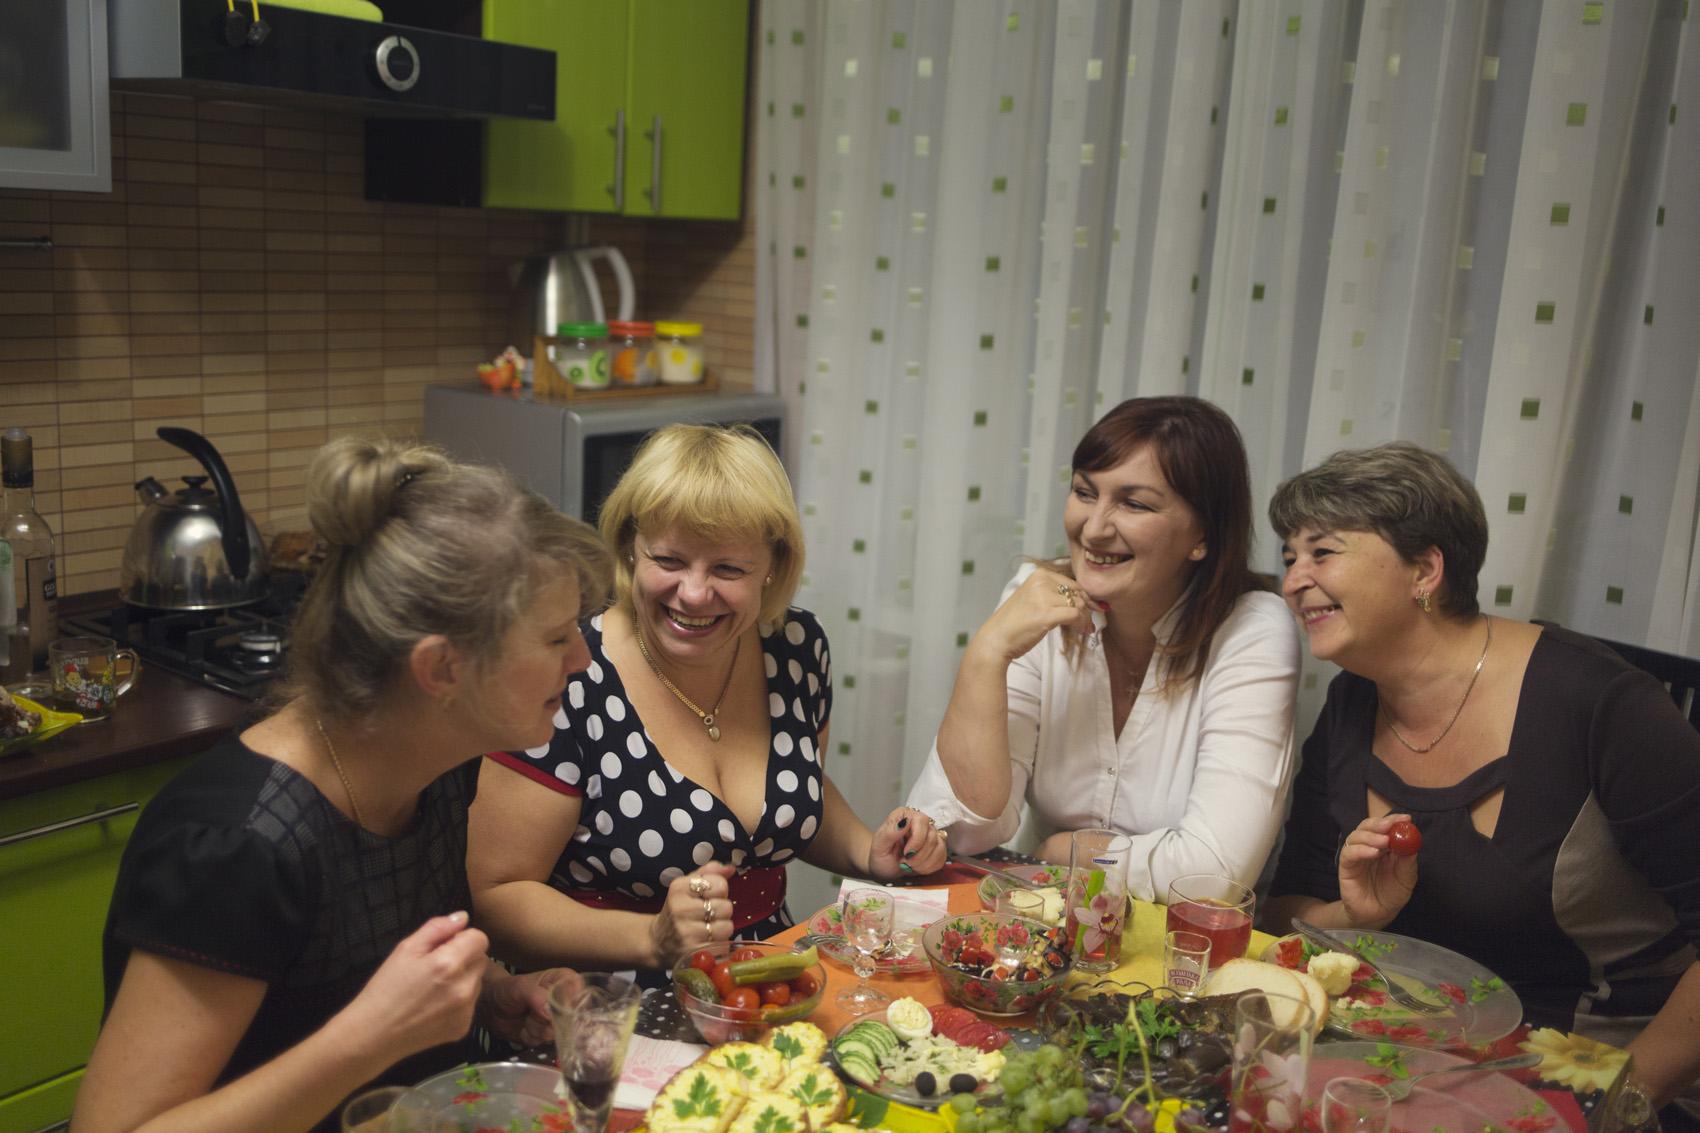 La bouteille de vodka descend rapidement lorsque la femme de Mikhail, Tatyana (à gauche) invite ses amies chez eux. Après des rires forts et des shots de vodka, elles nous montrent des films de propagande sur la victoire de la République de Donetsk contre l'Ukraine. (photo Kyrre Lien/8e étage)